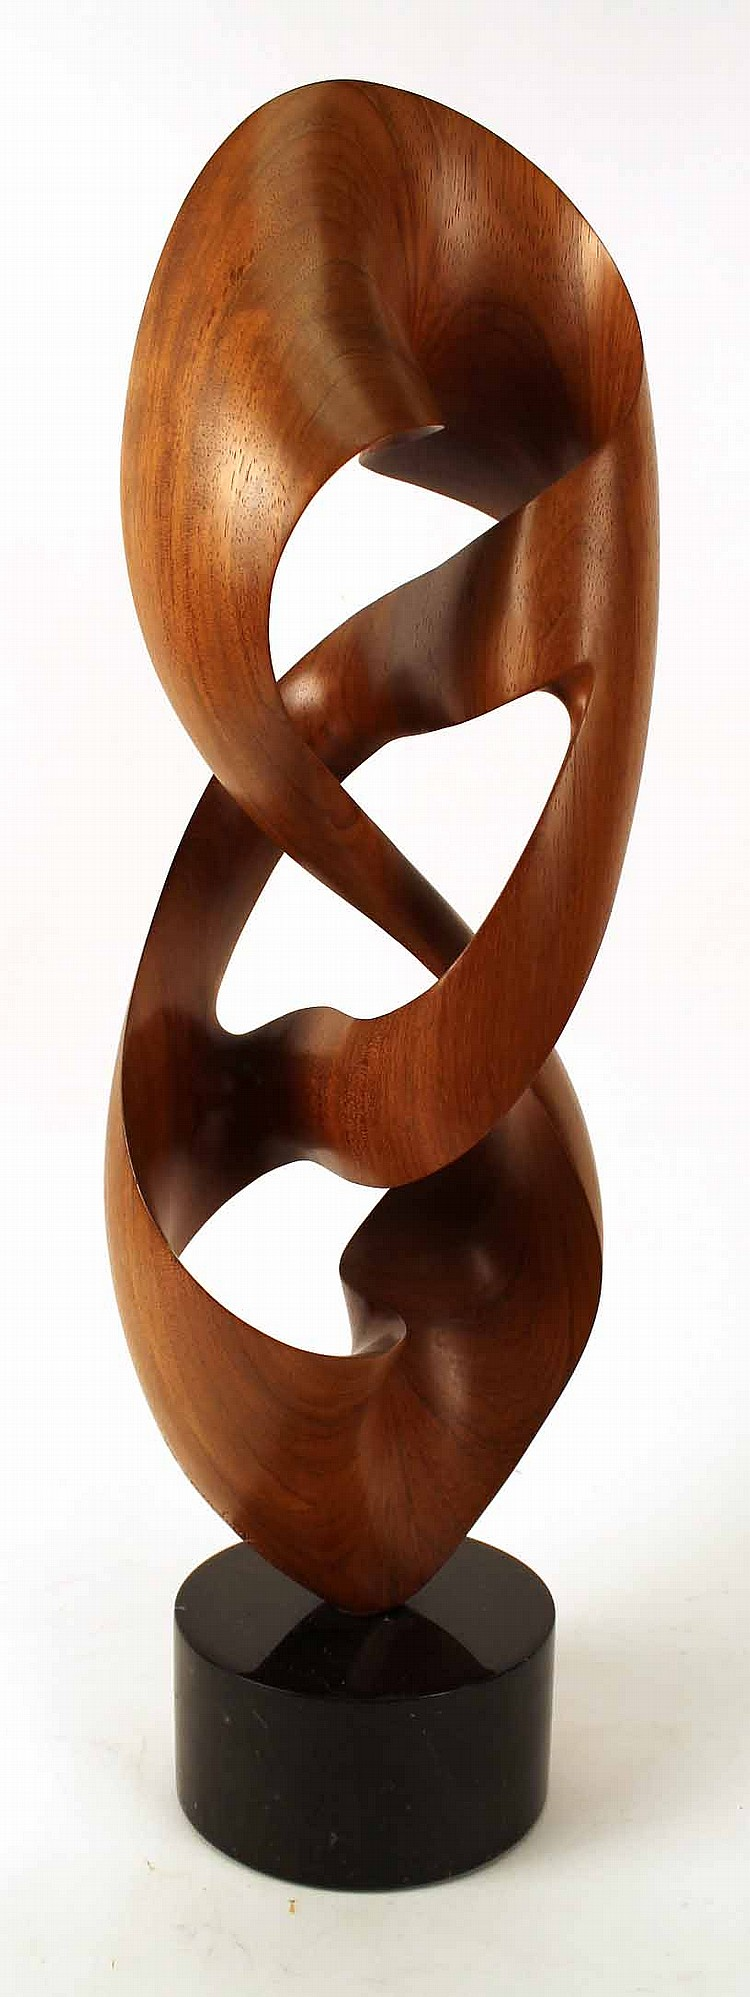 Abstract Wood Sculpture, Robert Longhurst